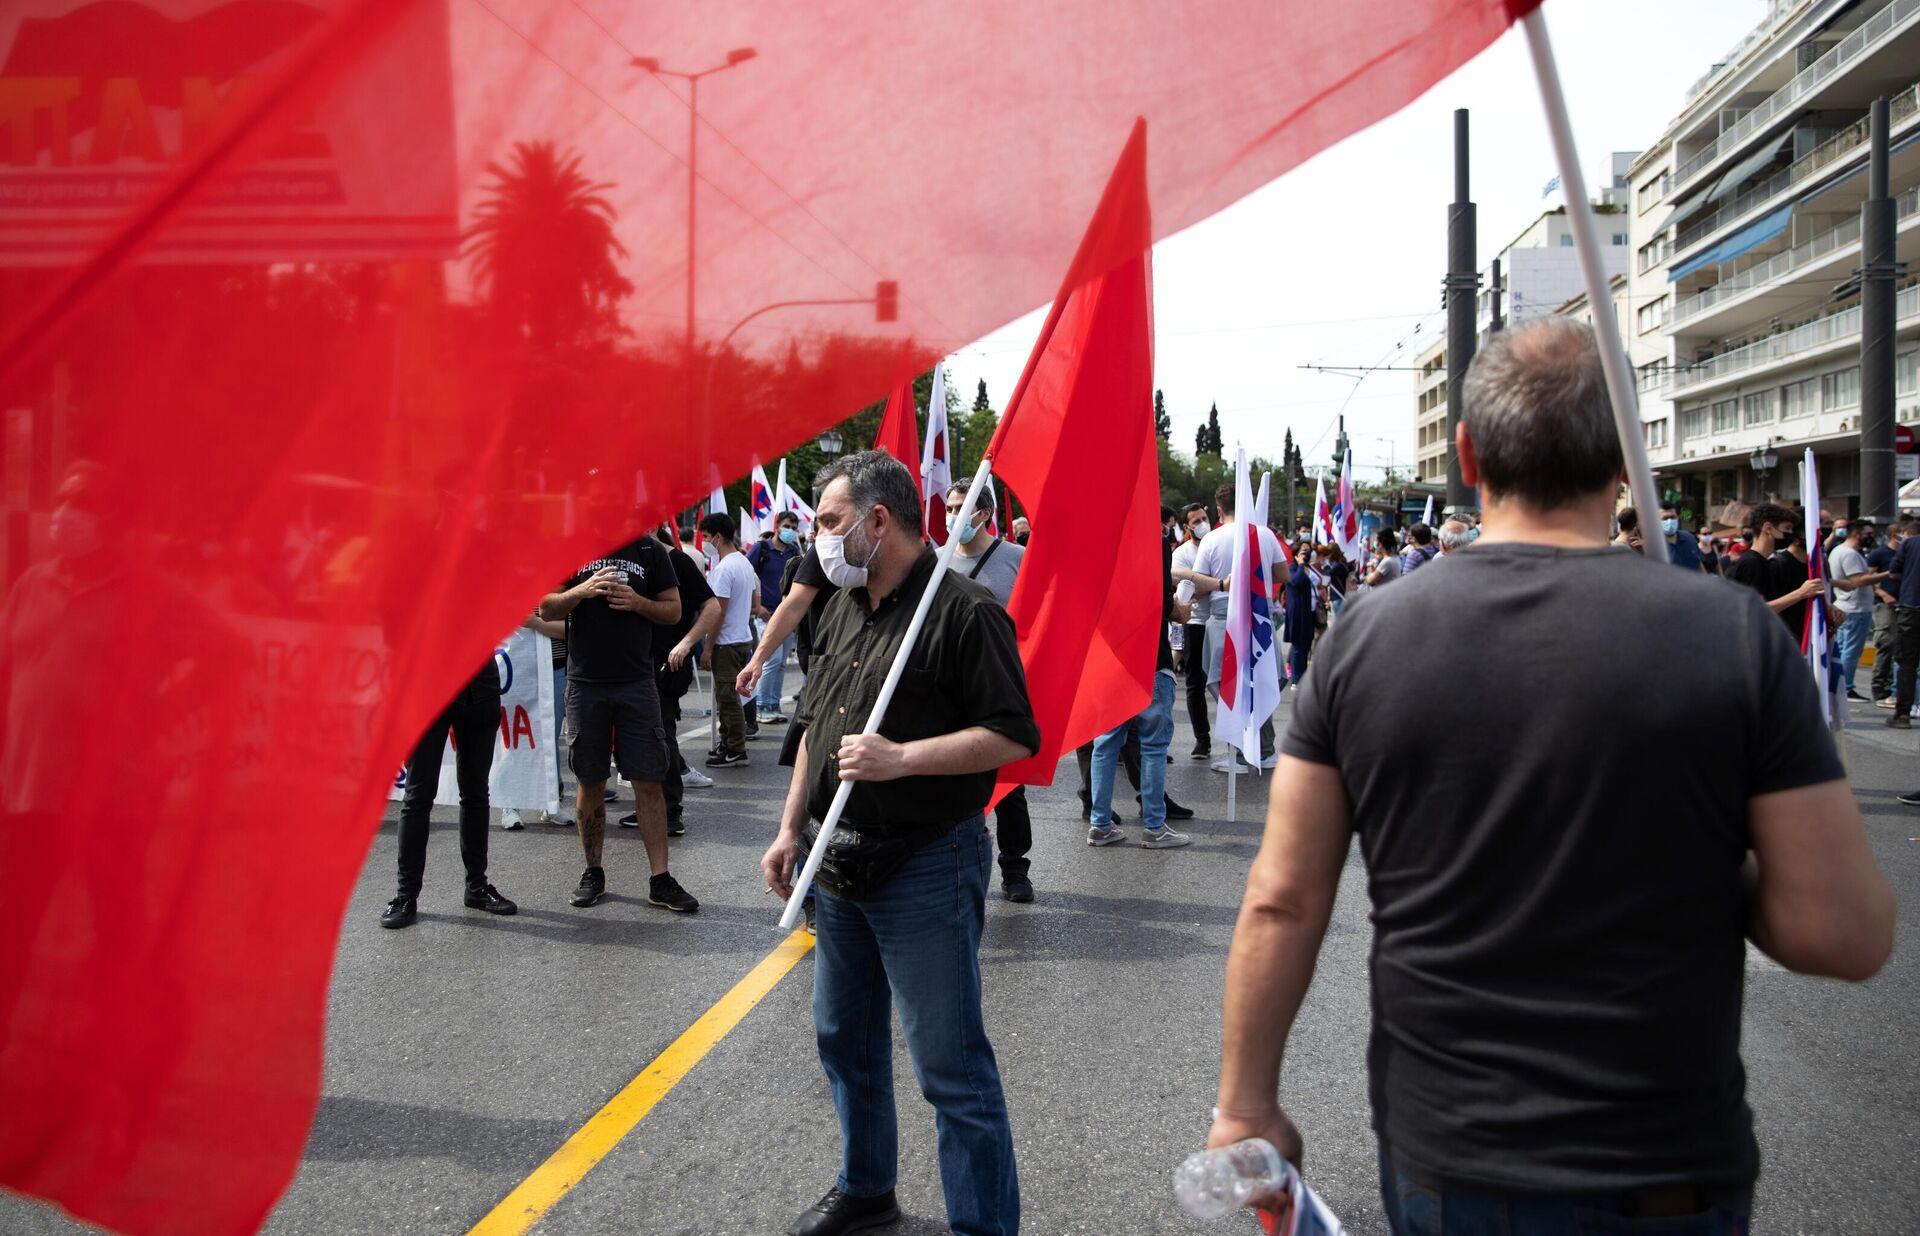 Акция рабочих, приуроченная к первомайским праздникам, в Афинах - РИА Новости, 1920, 06.05.2021